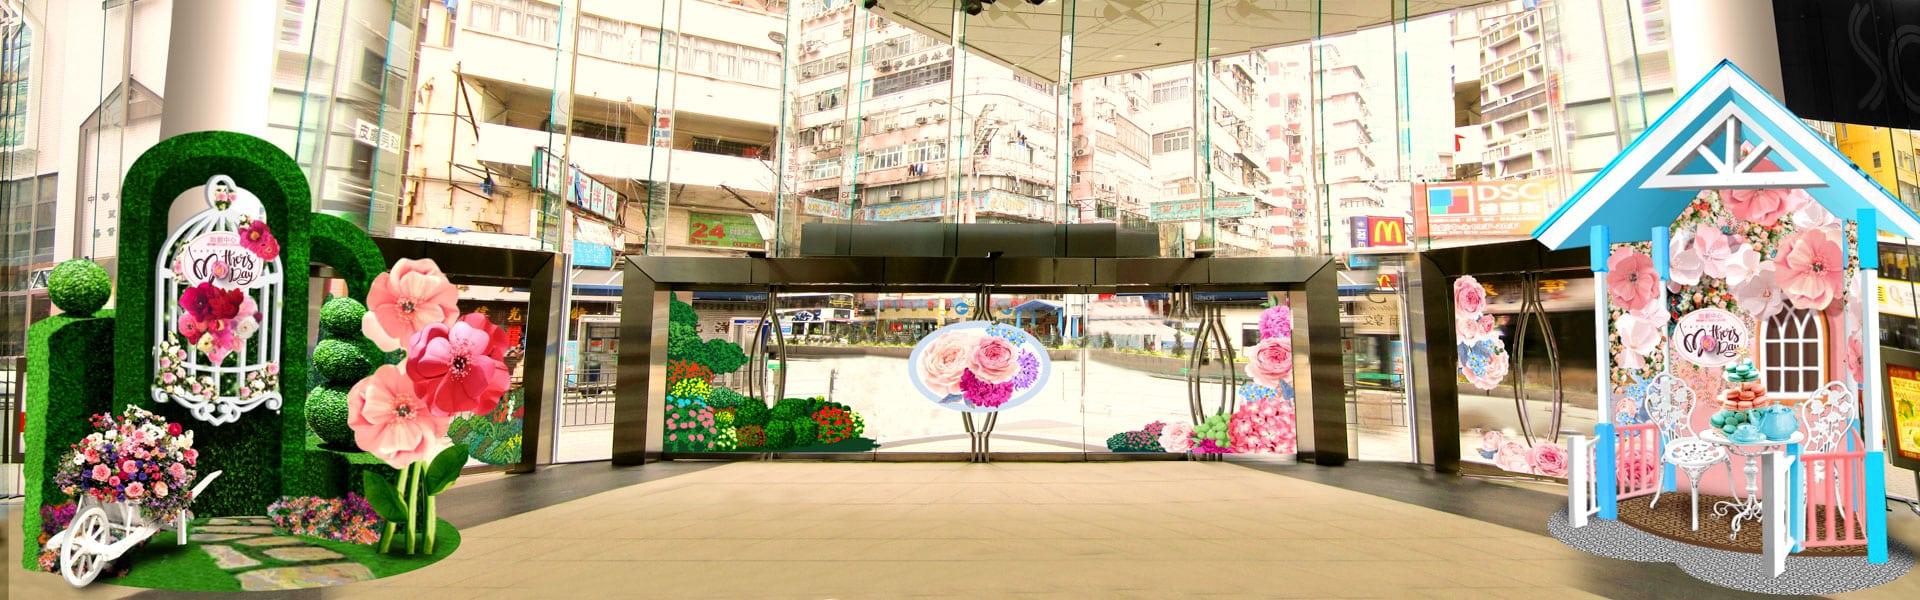 始創中心「溫馨5月愛心茶聚」 始創中心以「愛心茶聚」為母親節裝飾主題。